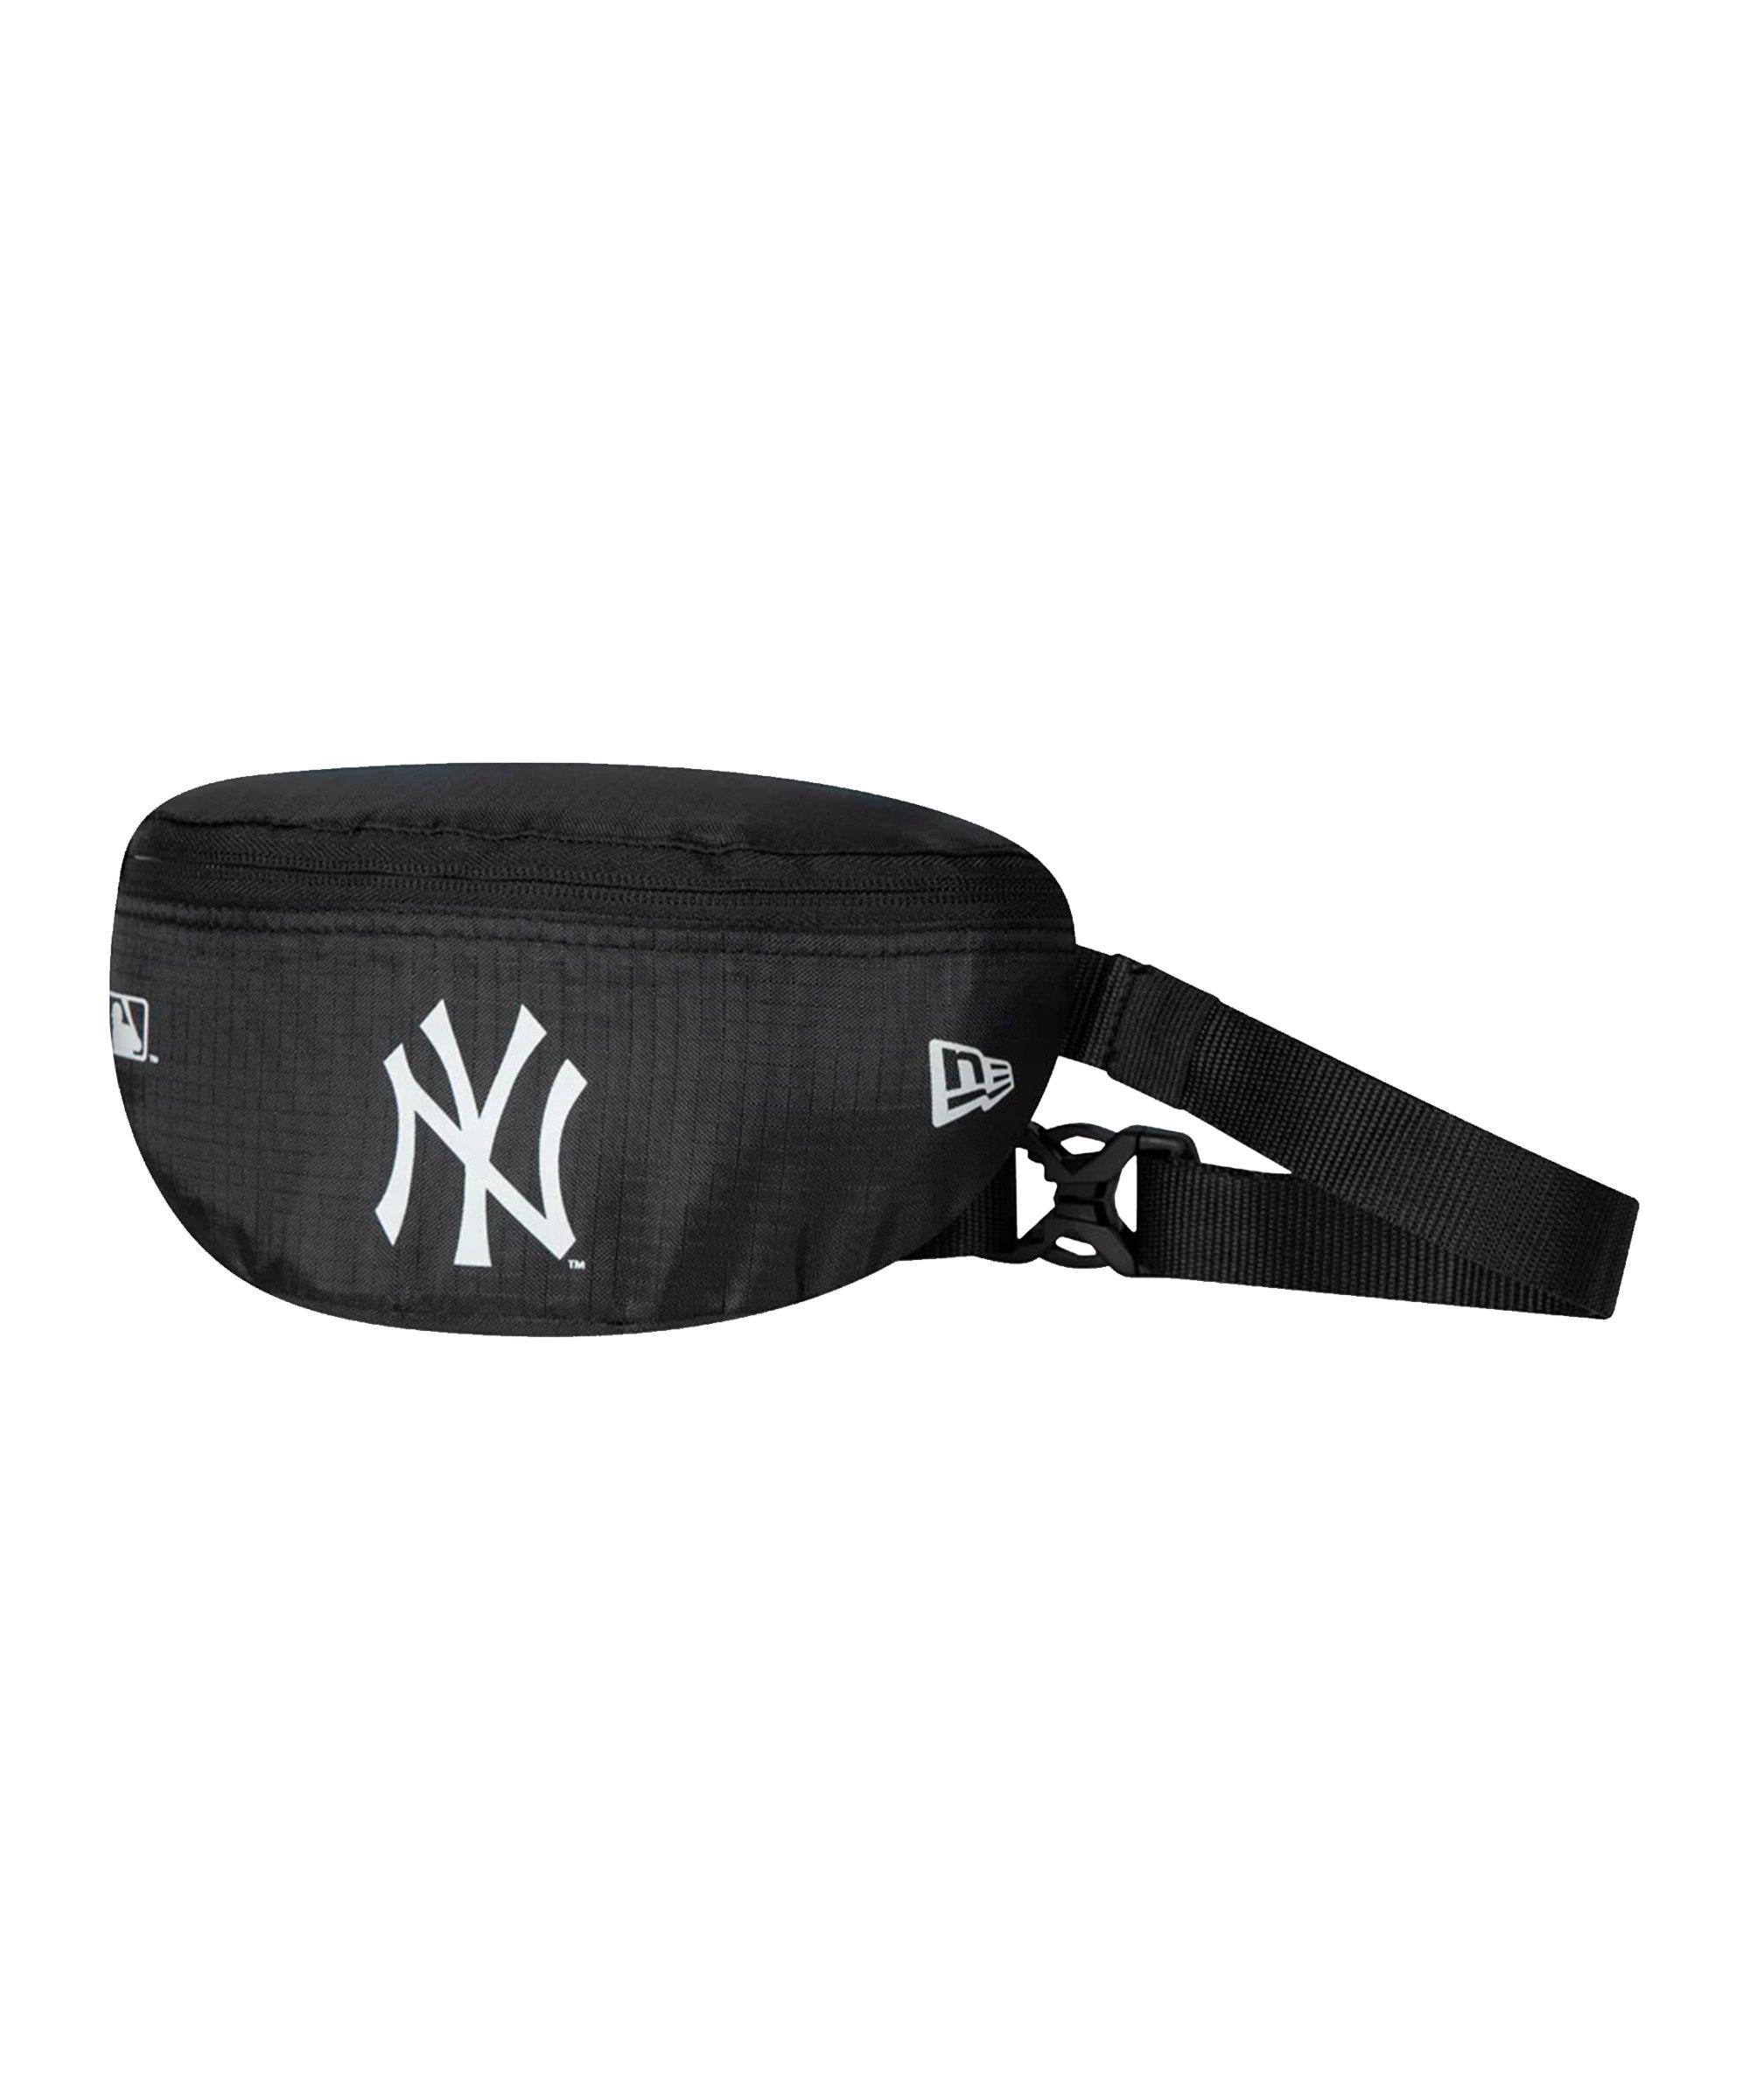 New Era NY Yankees Mini Waist Bag Schwarz FBLKWHI - schwarz